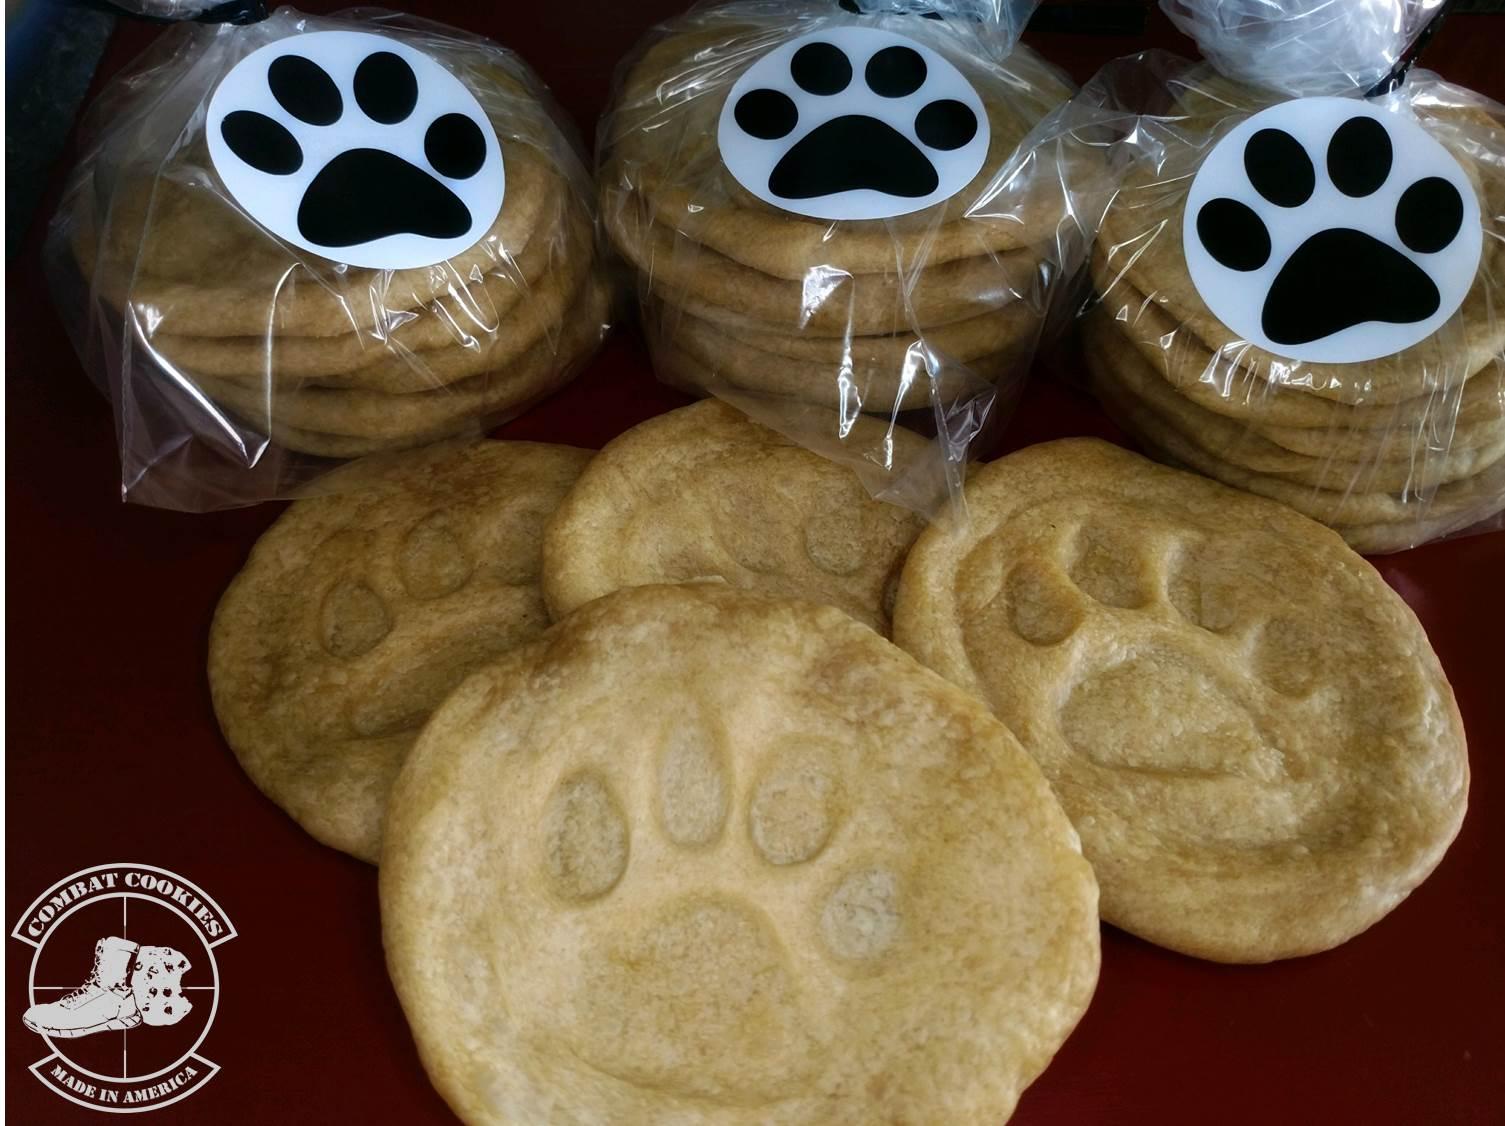 K9 Cookie